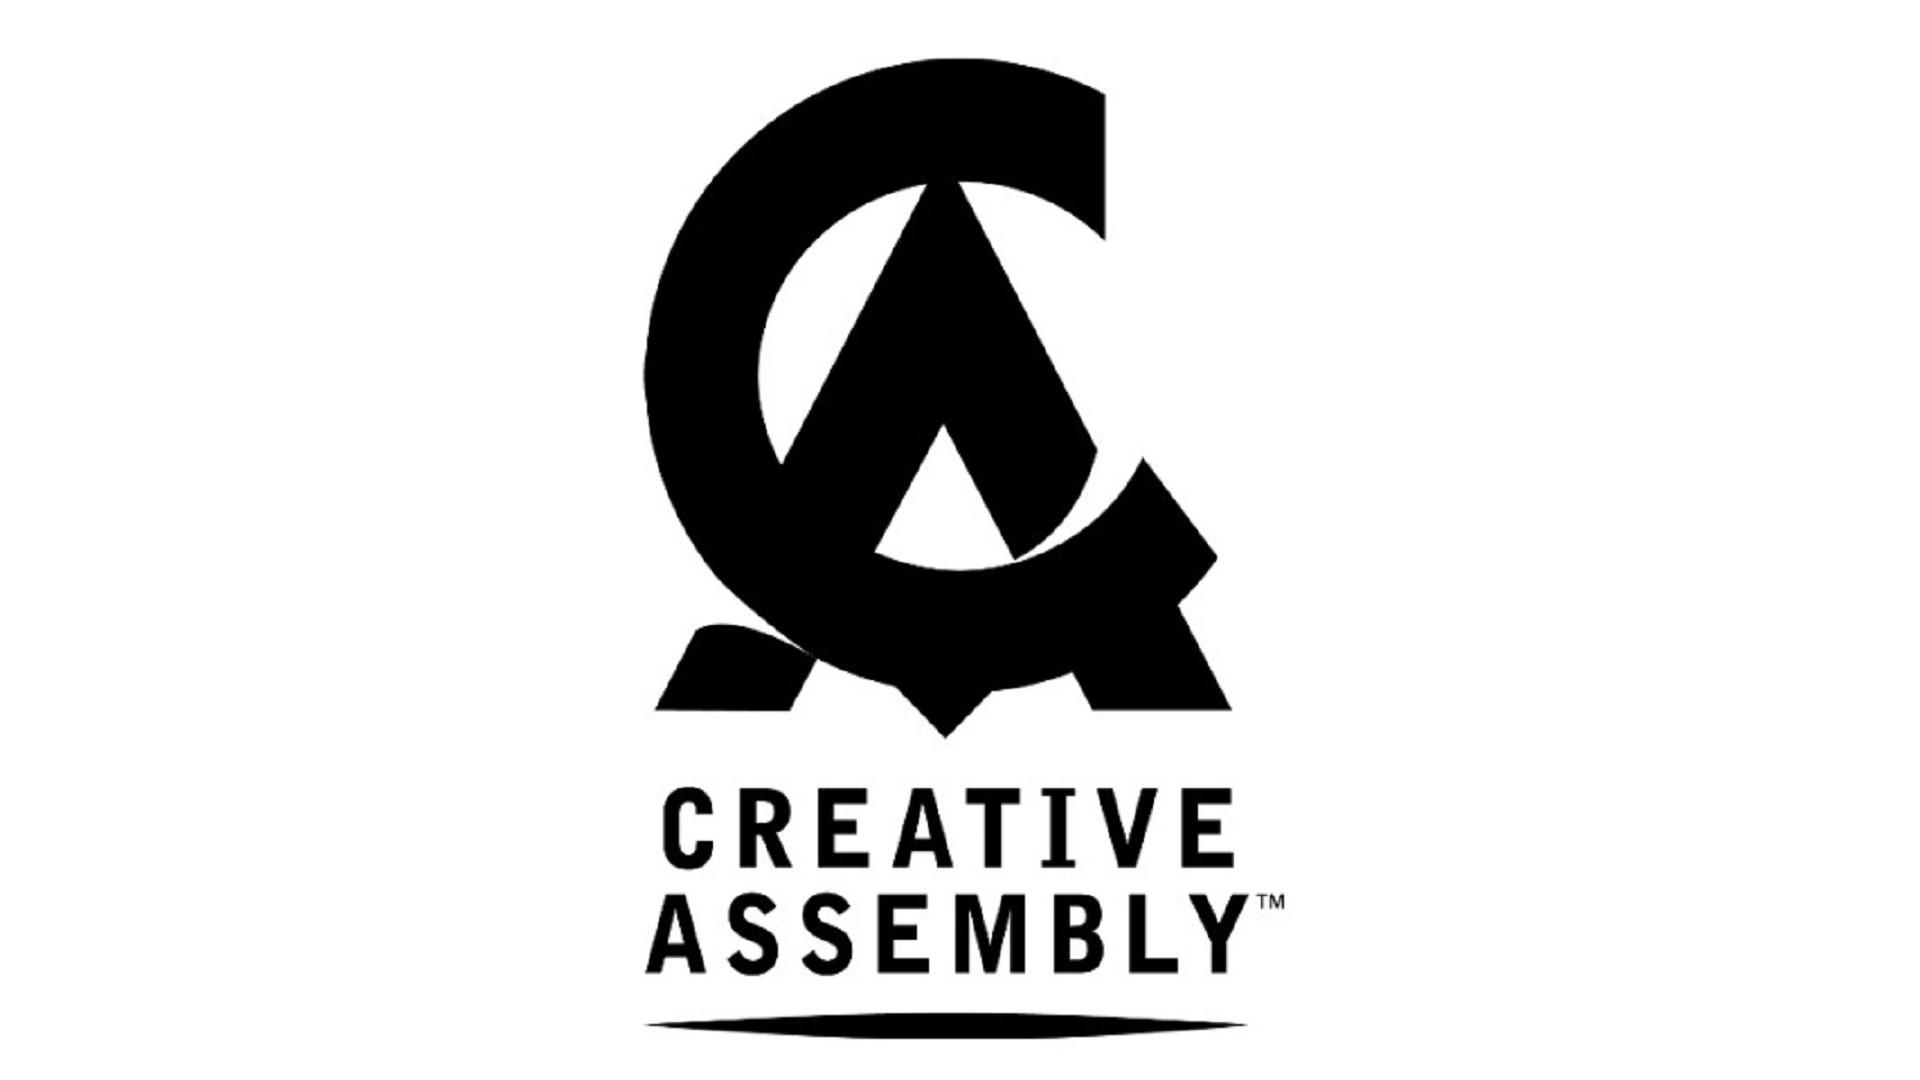 creative assembly logo